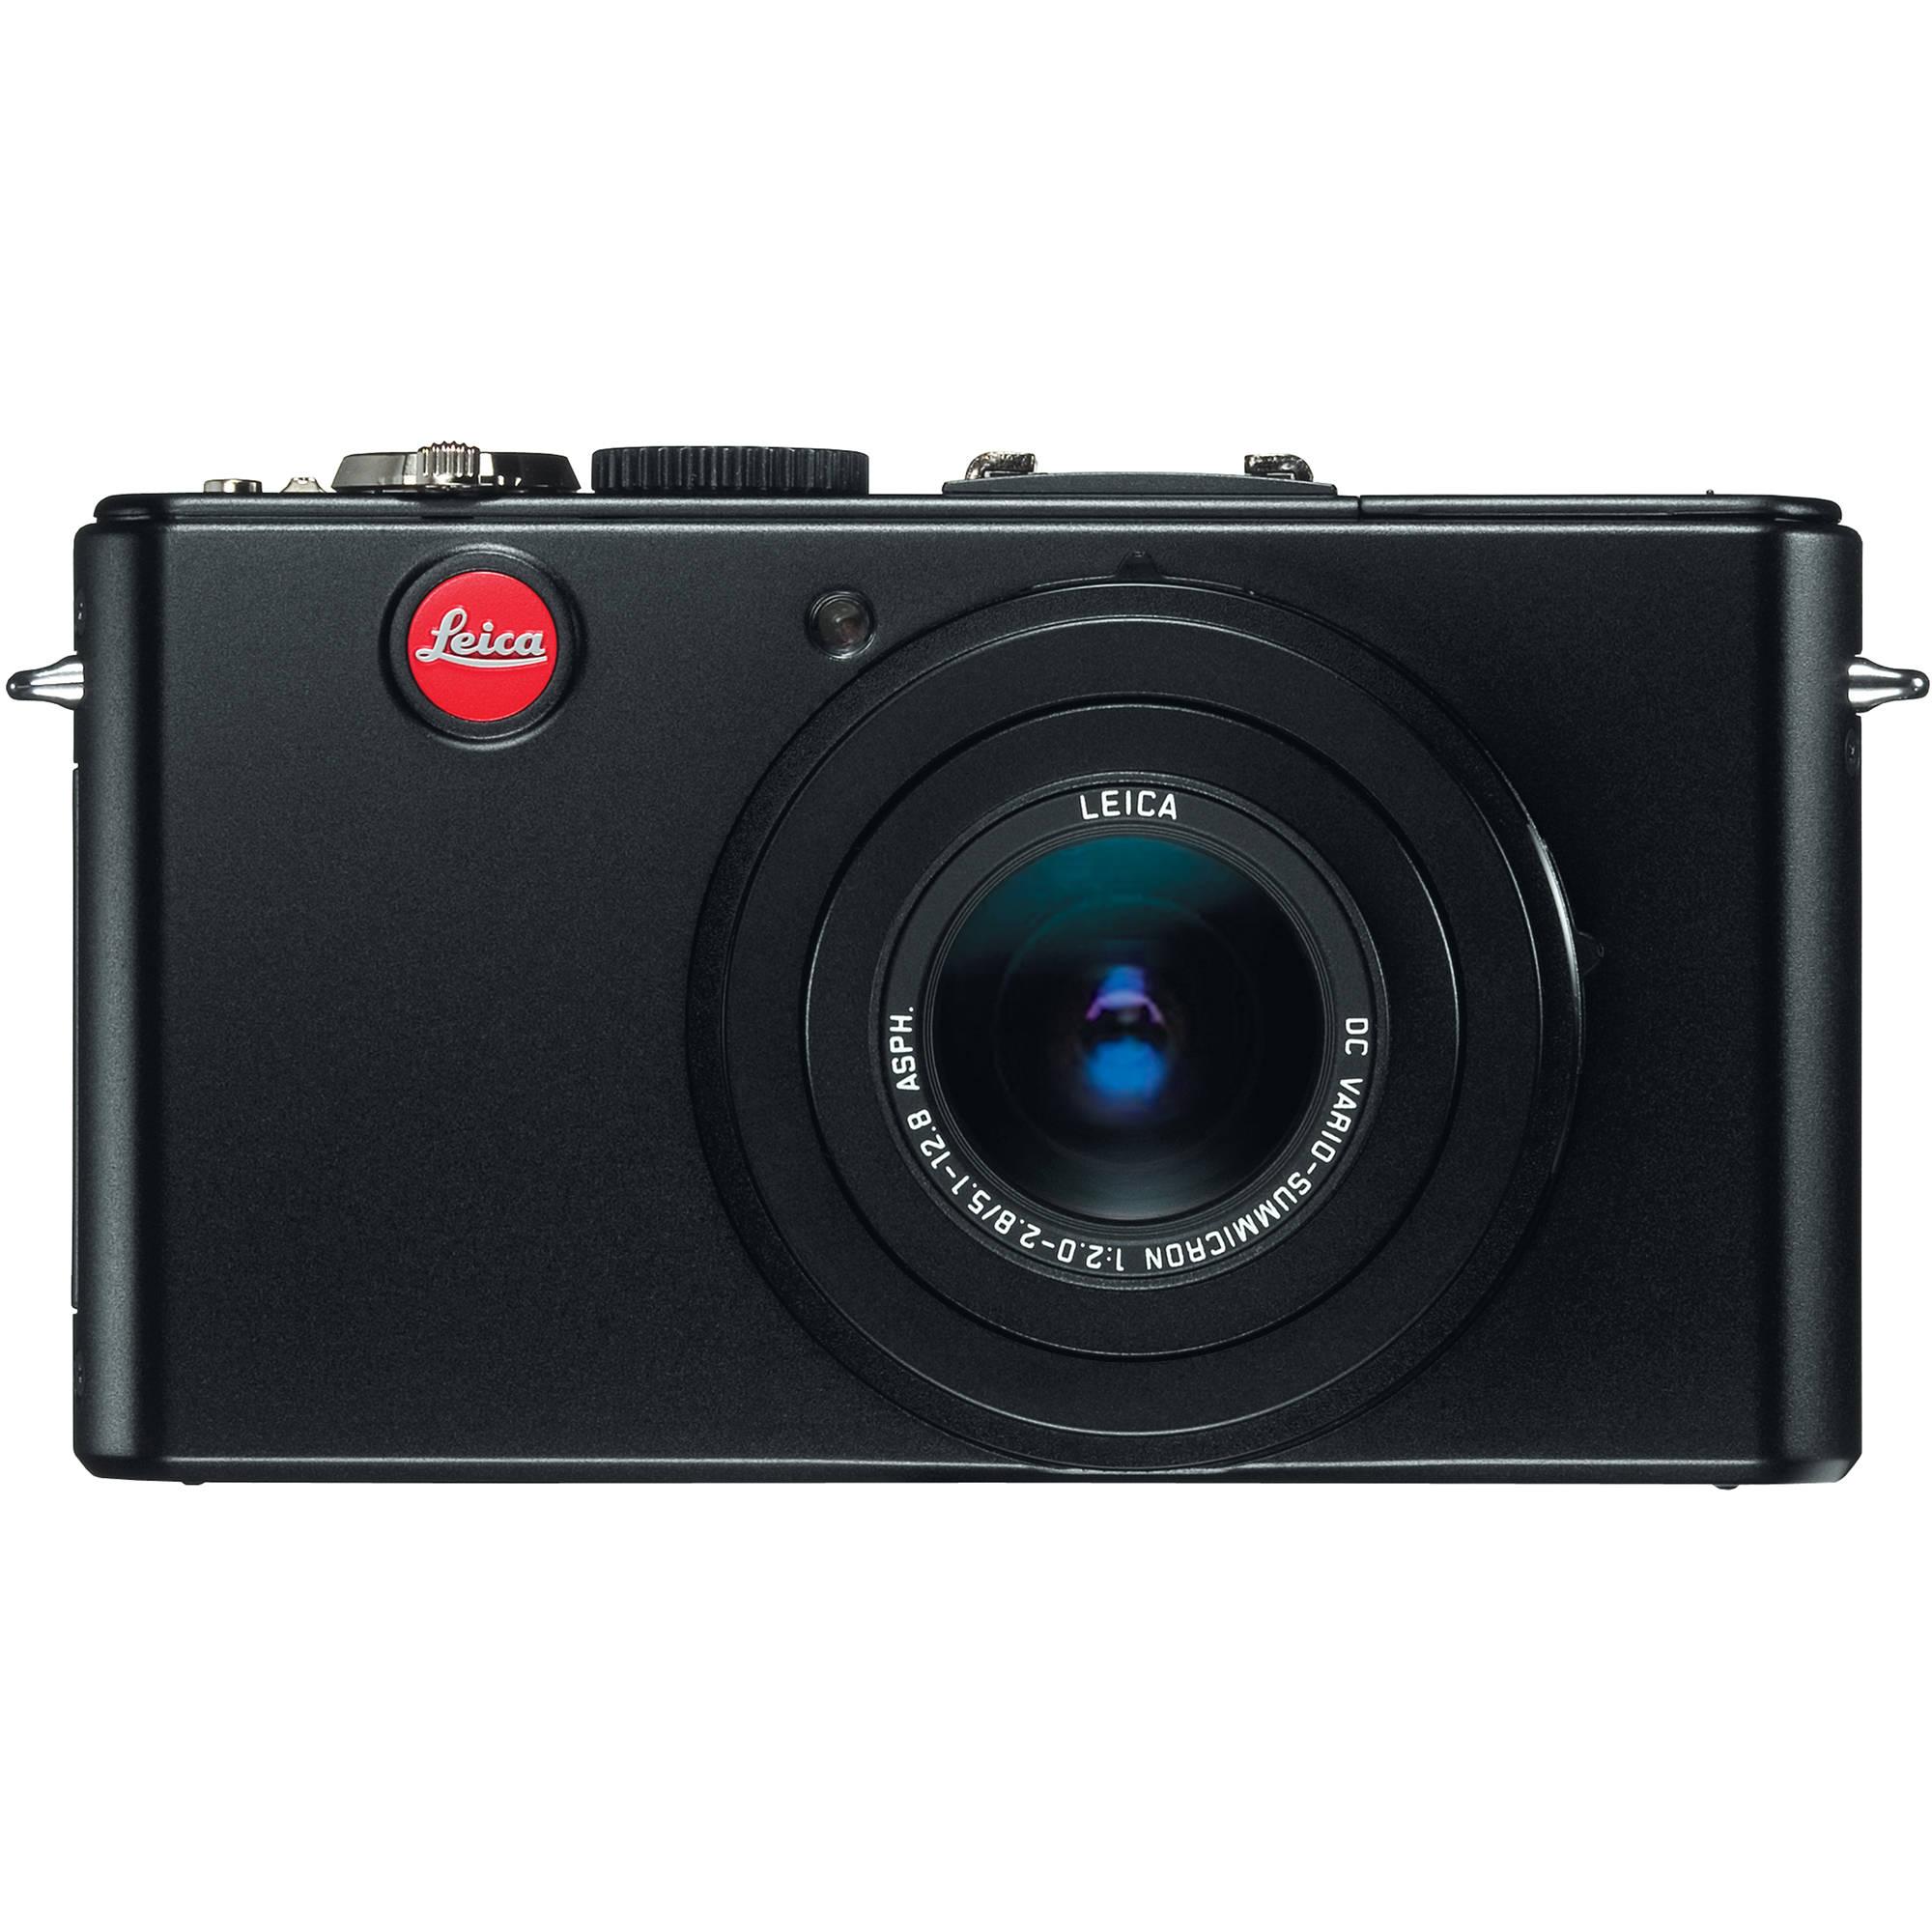 Leica v-lux 4 camera.